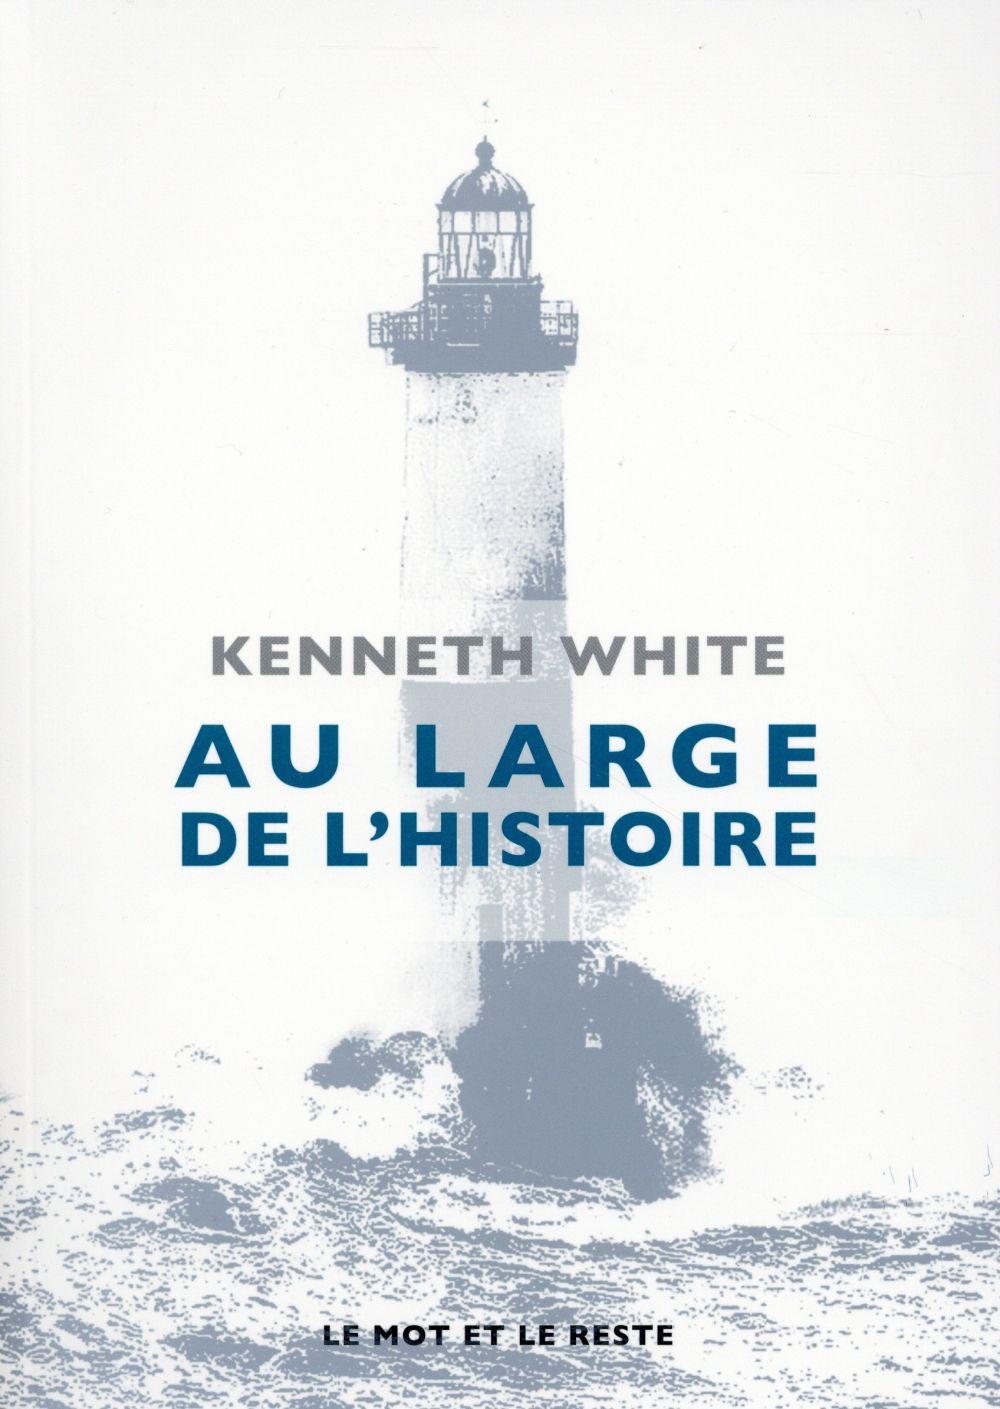 AU LARGE DE L'HISTOIRE